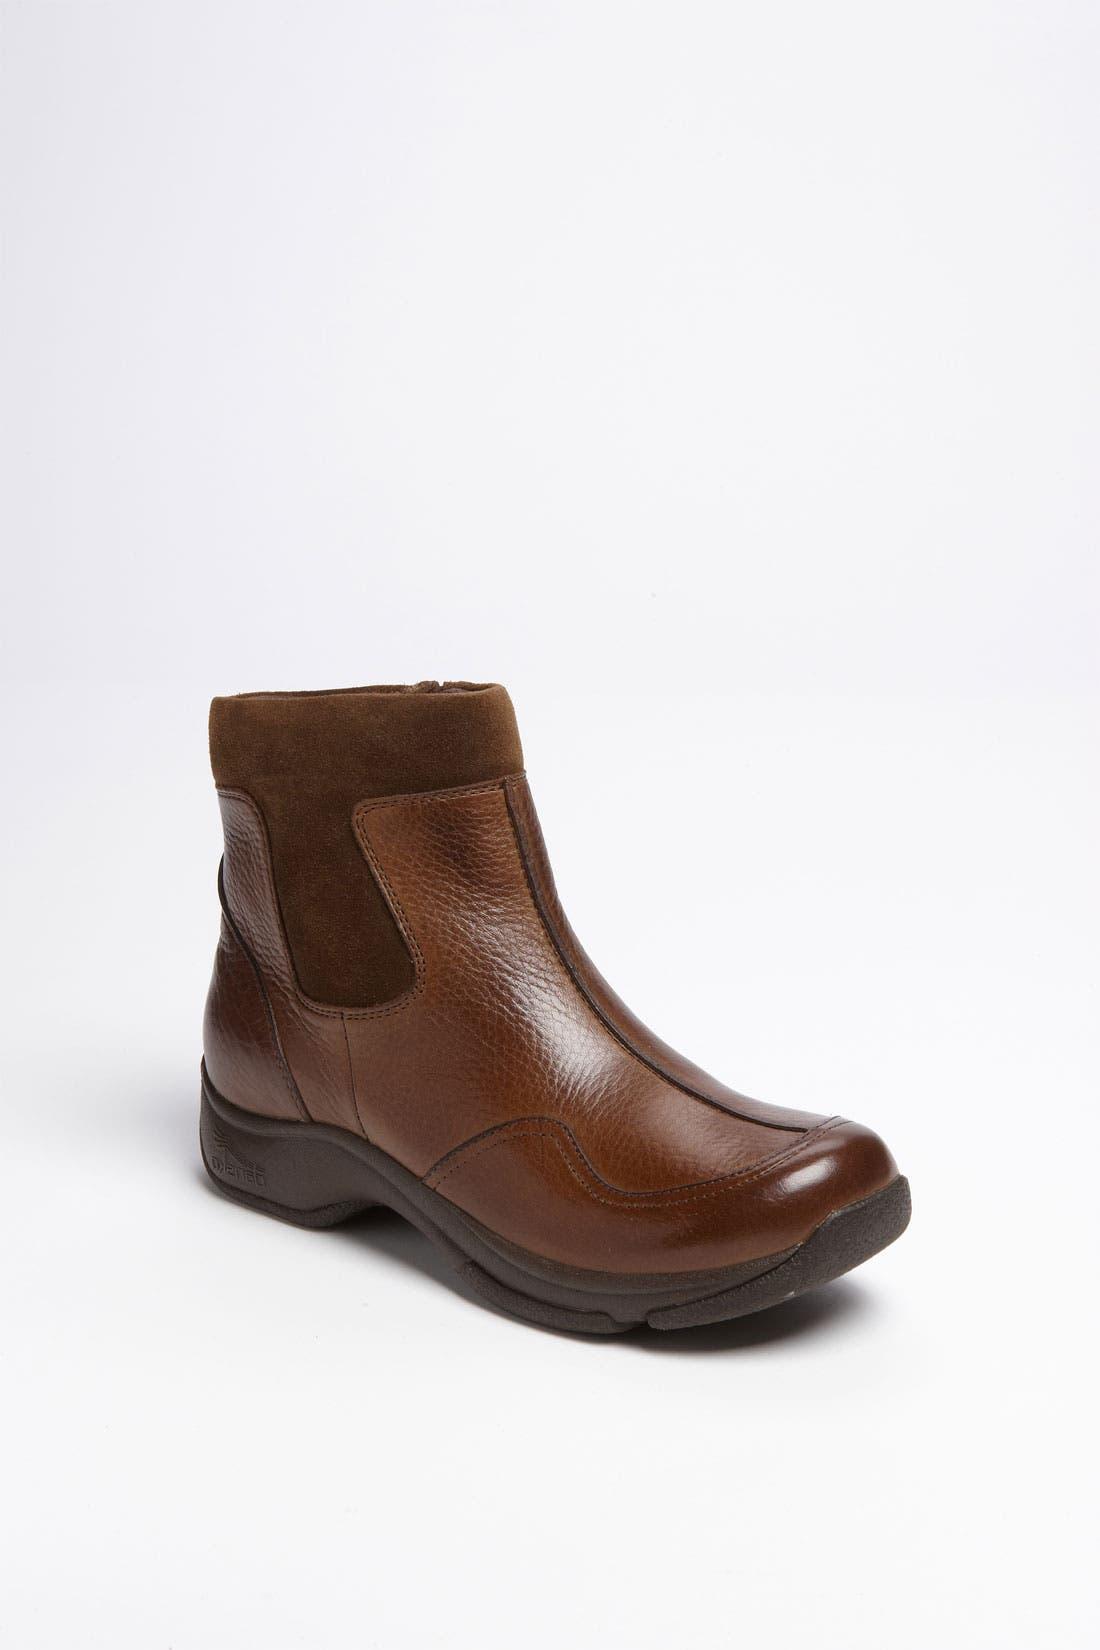 Main Image - Dansko 'Kat' Boot